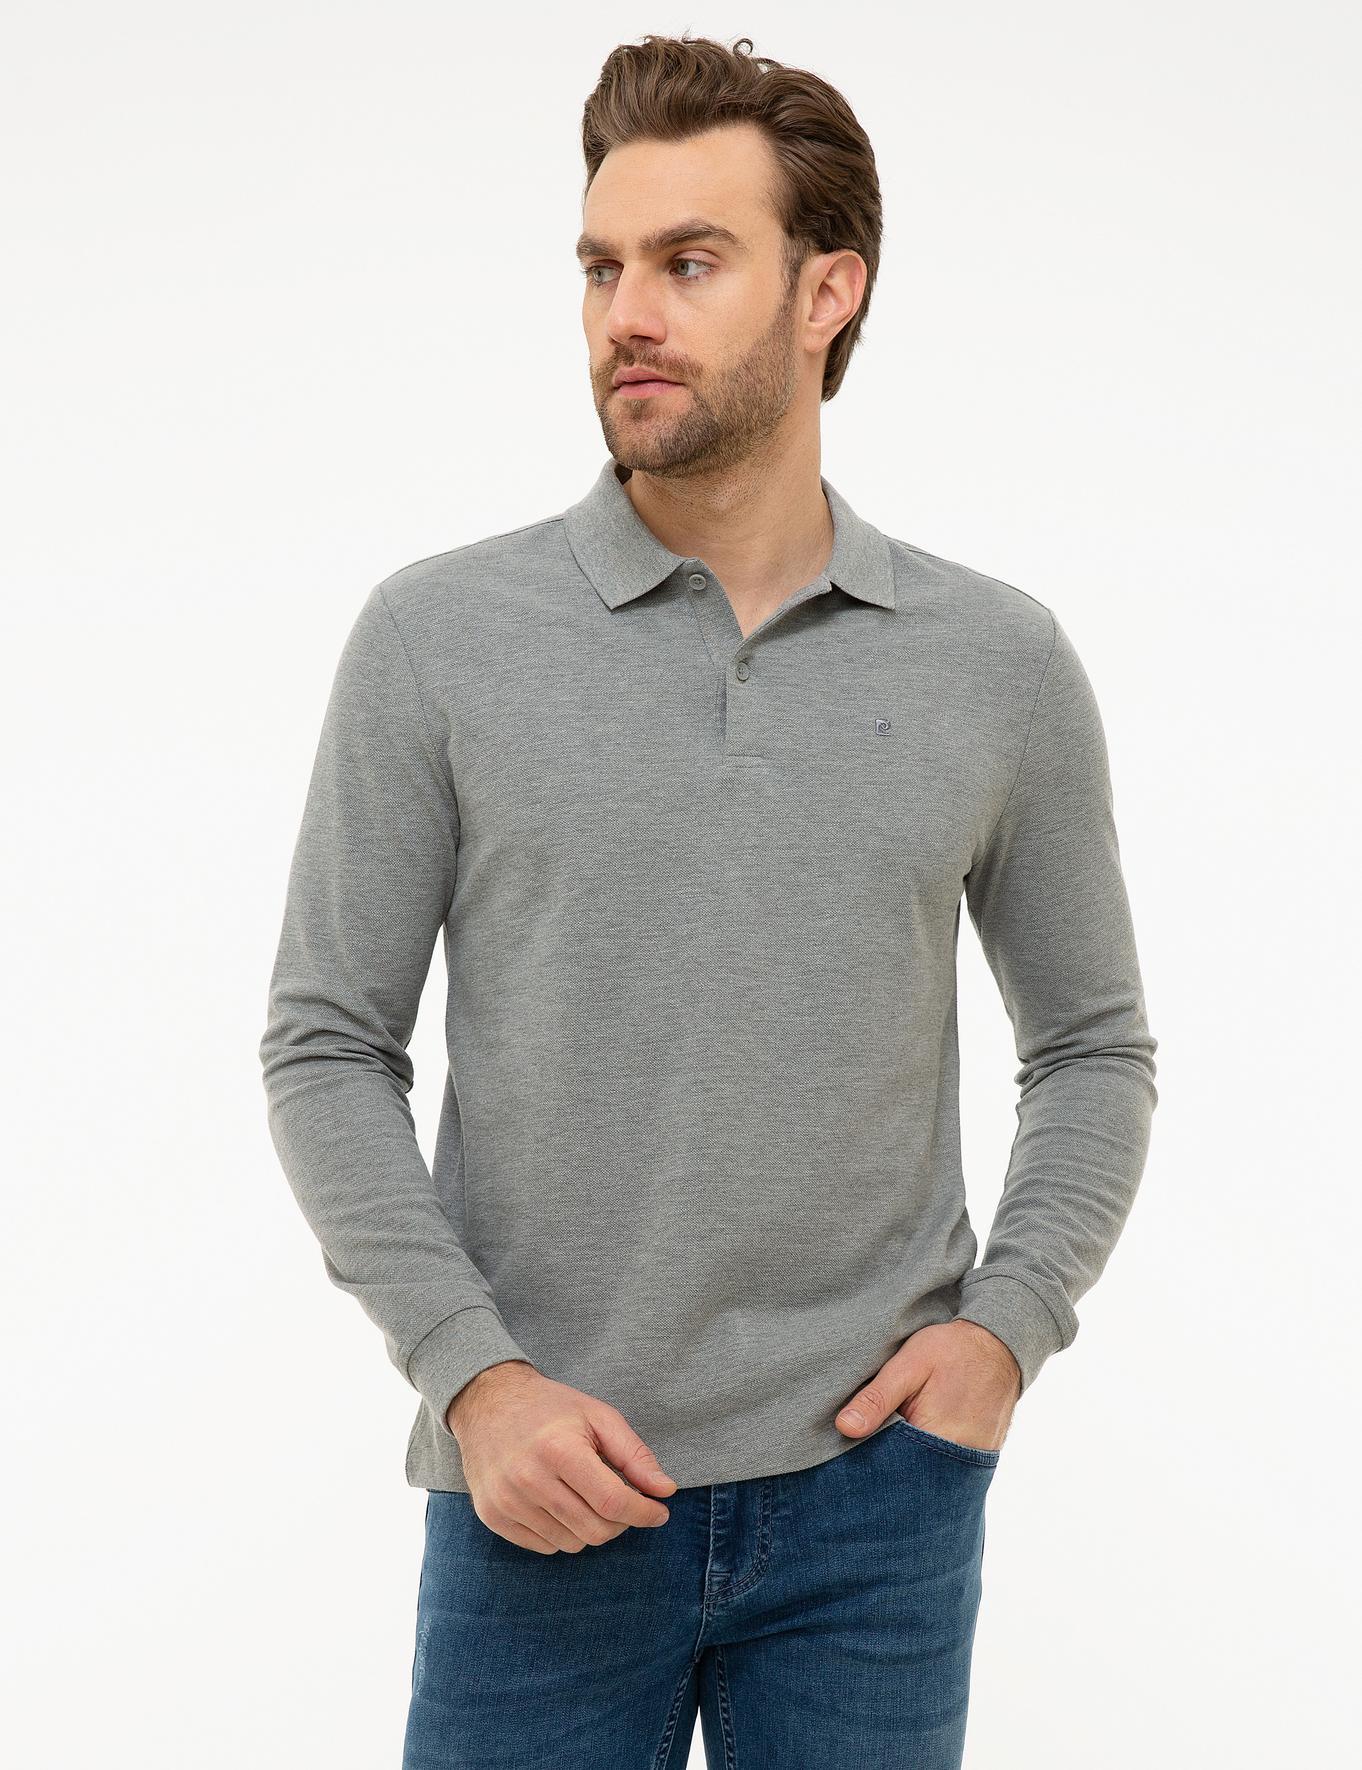 Gri Melanj Slim Fit Sweatshirt